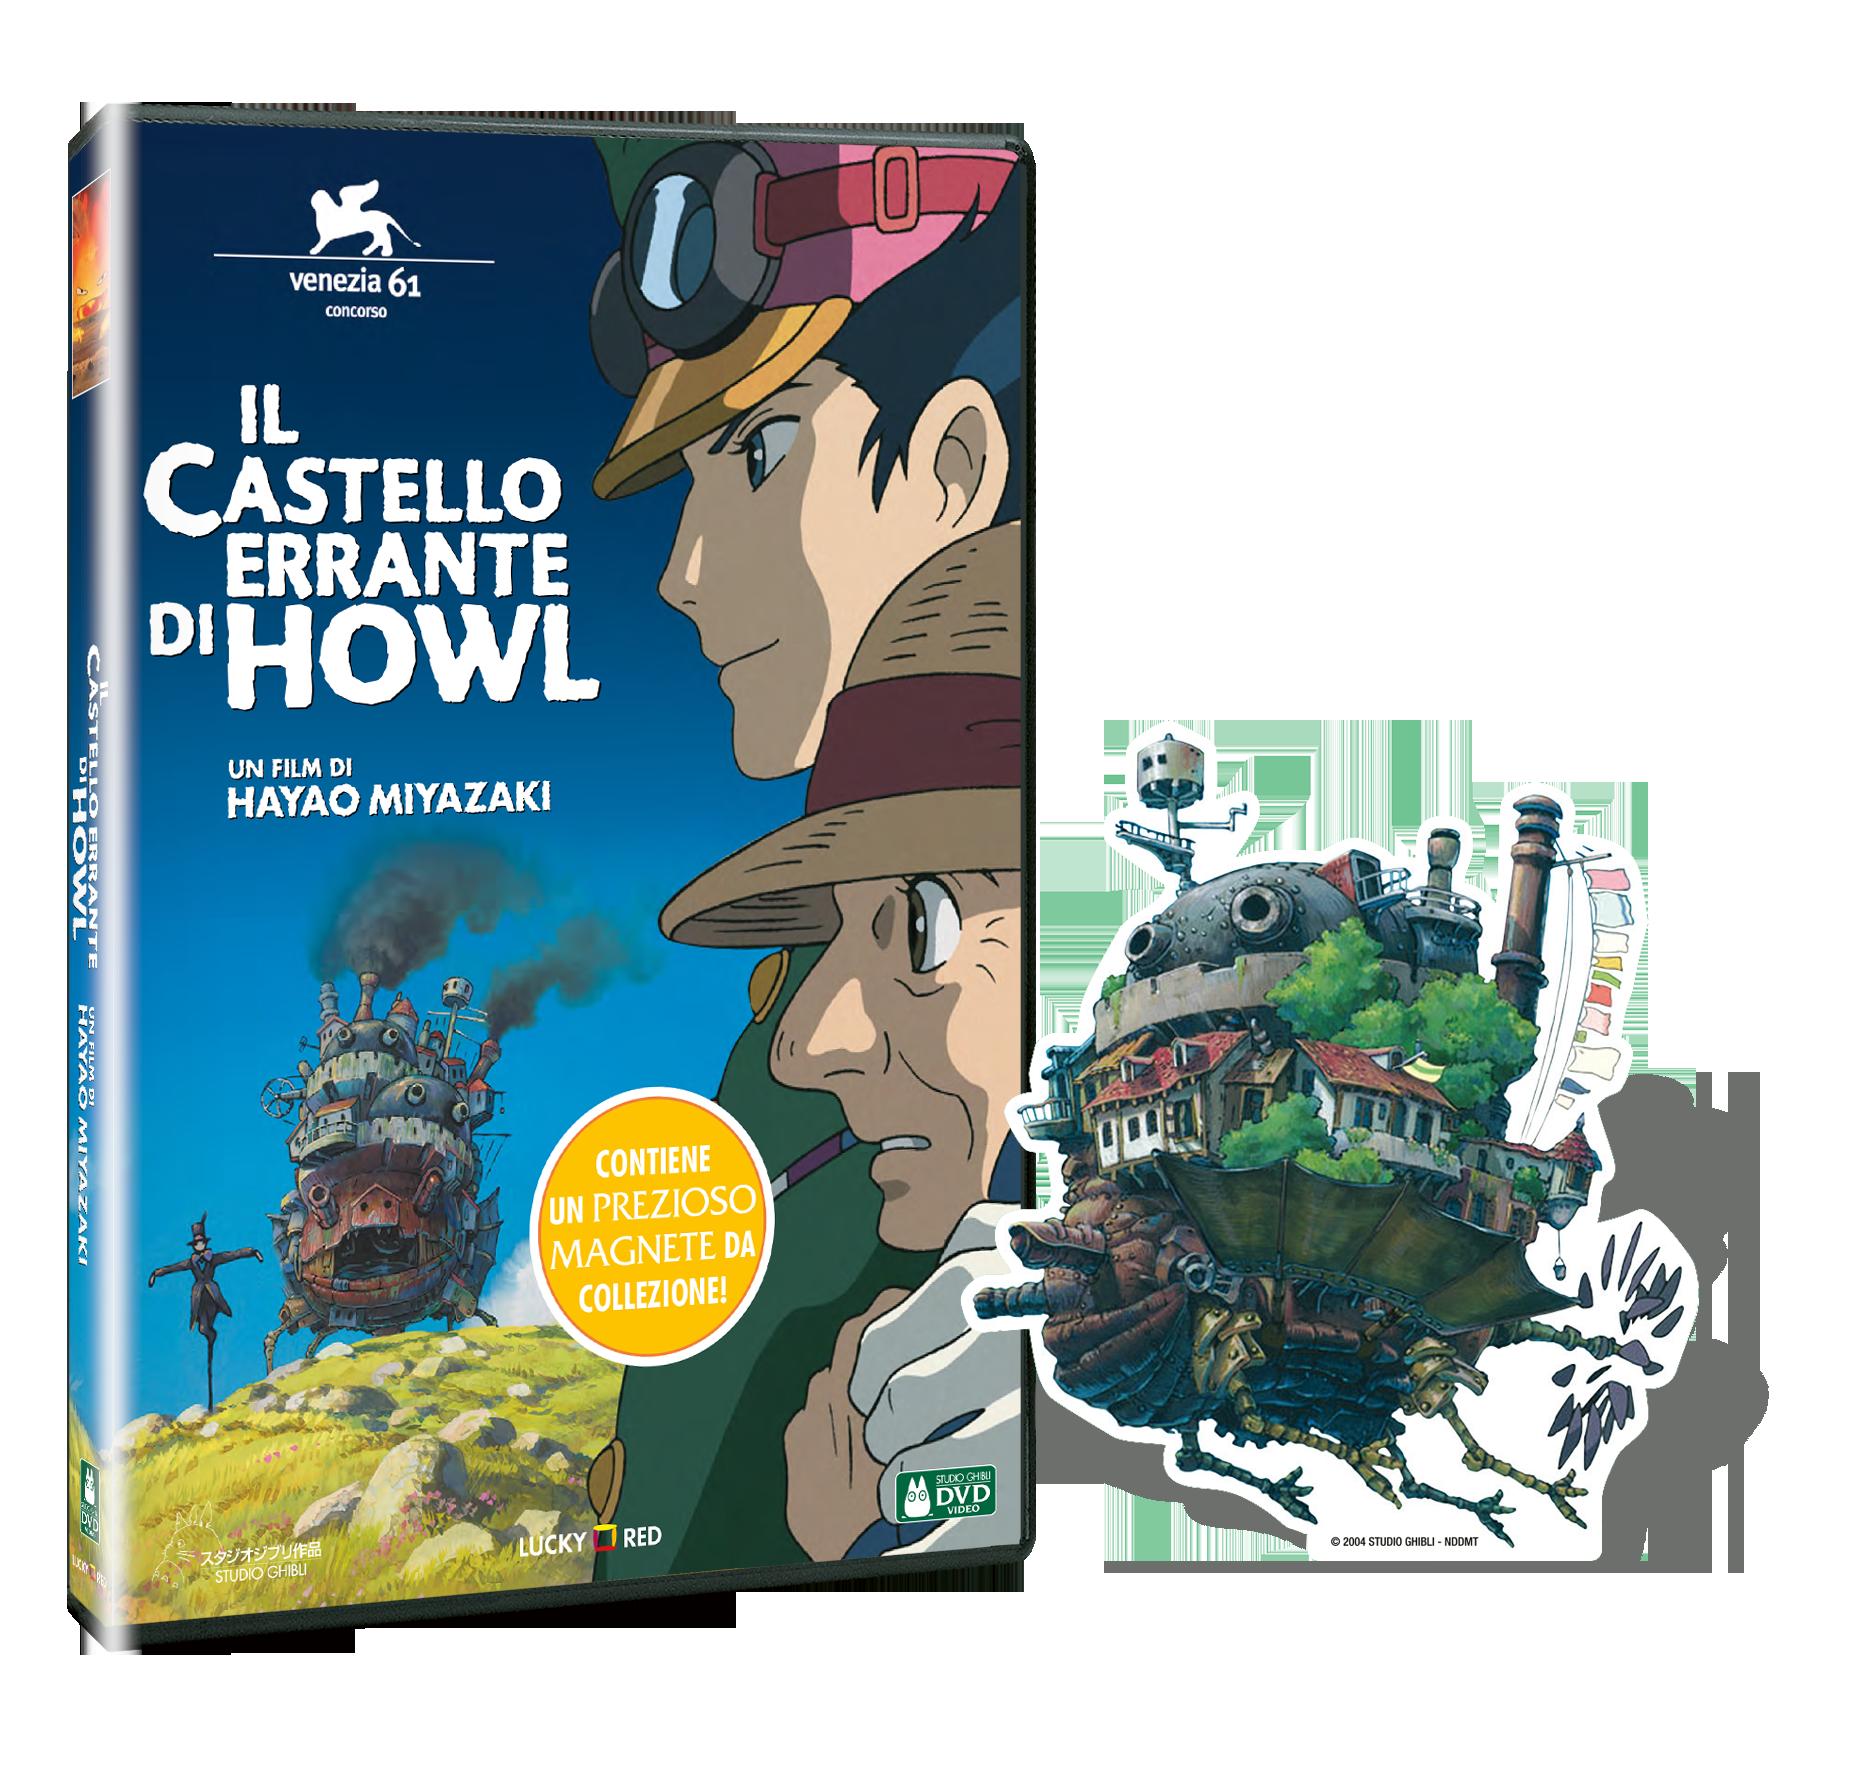 IL CASTELLO ERRANTE DI HOWL (DVD+MAGNETE) (DVD)